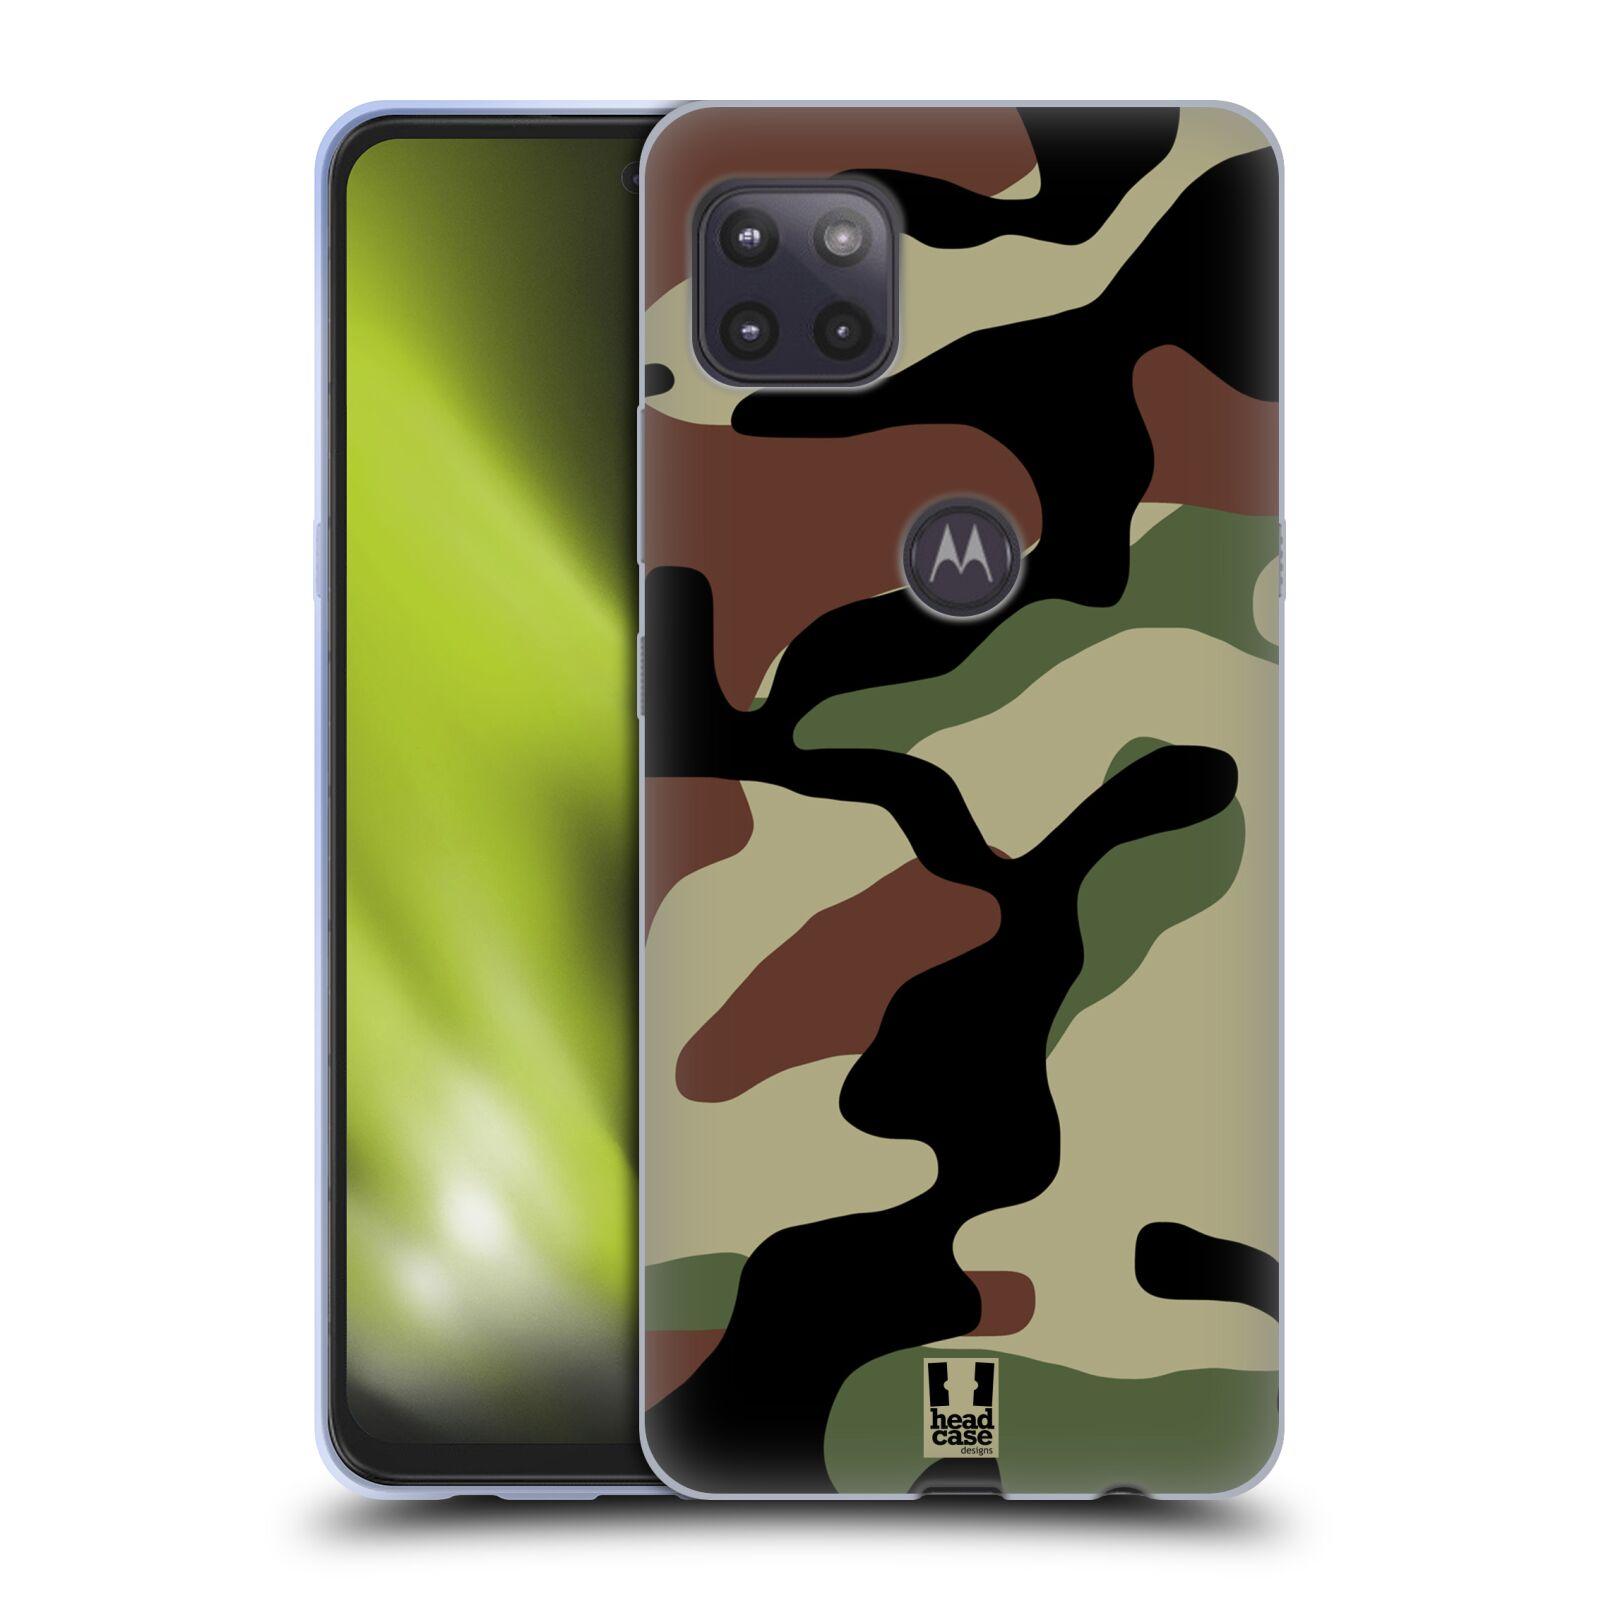 Silikonové pouzdro na mobil Motorola Moto G 5G - Head Case - Maskáče